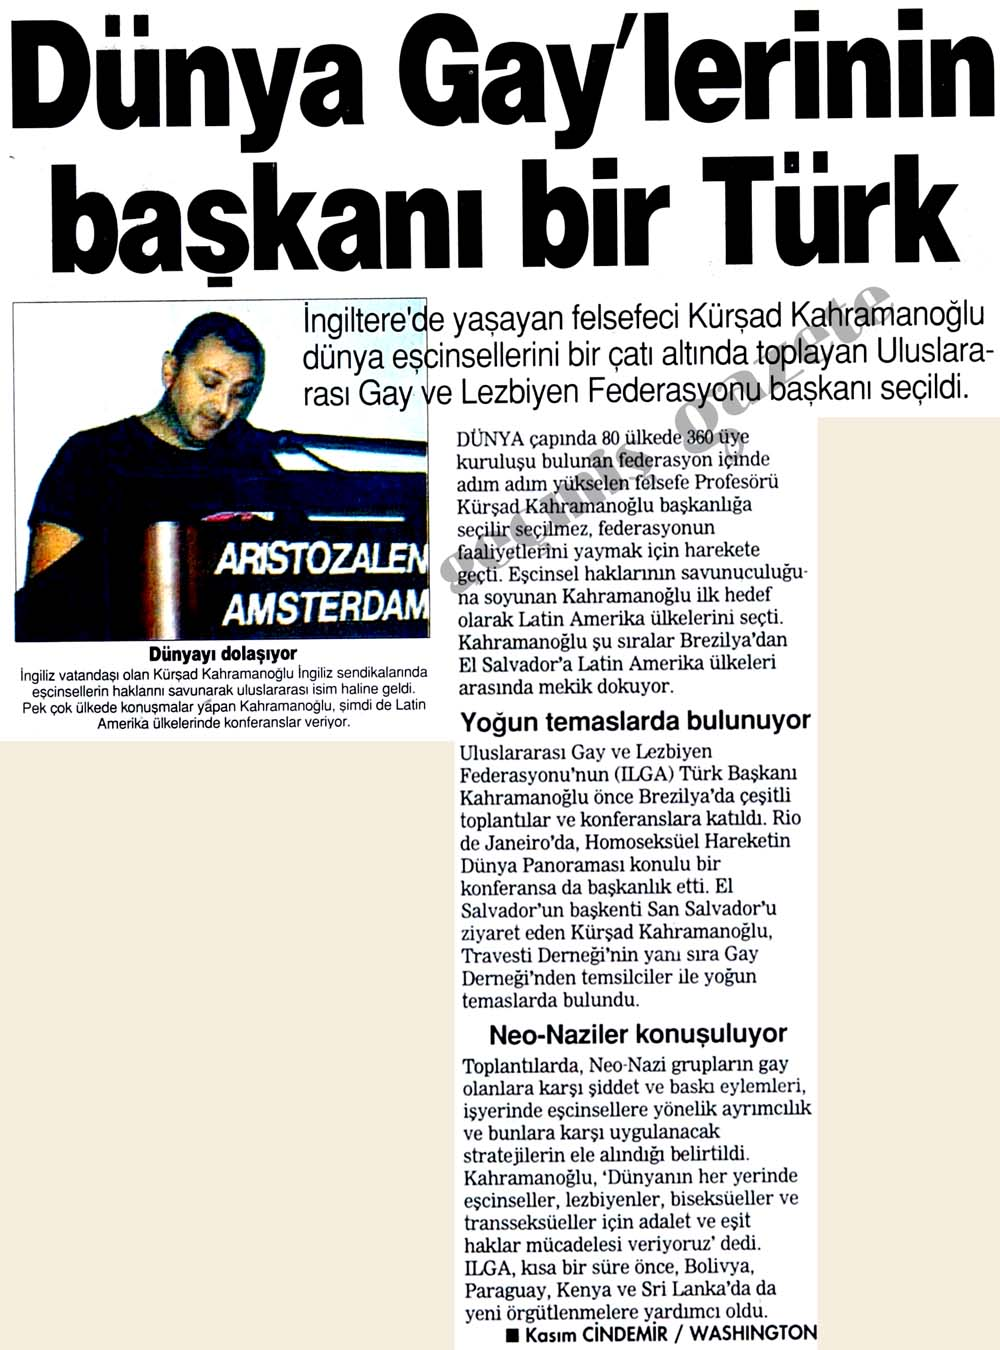 Dünya Gay'lerinin başkanı bir Türk